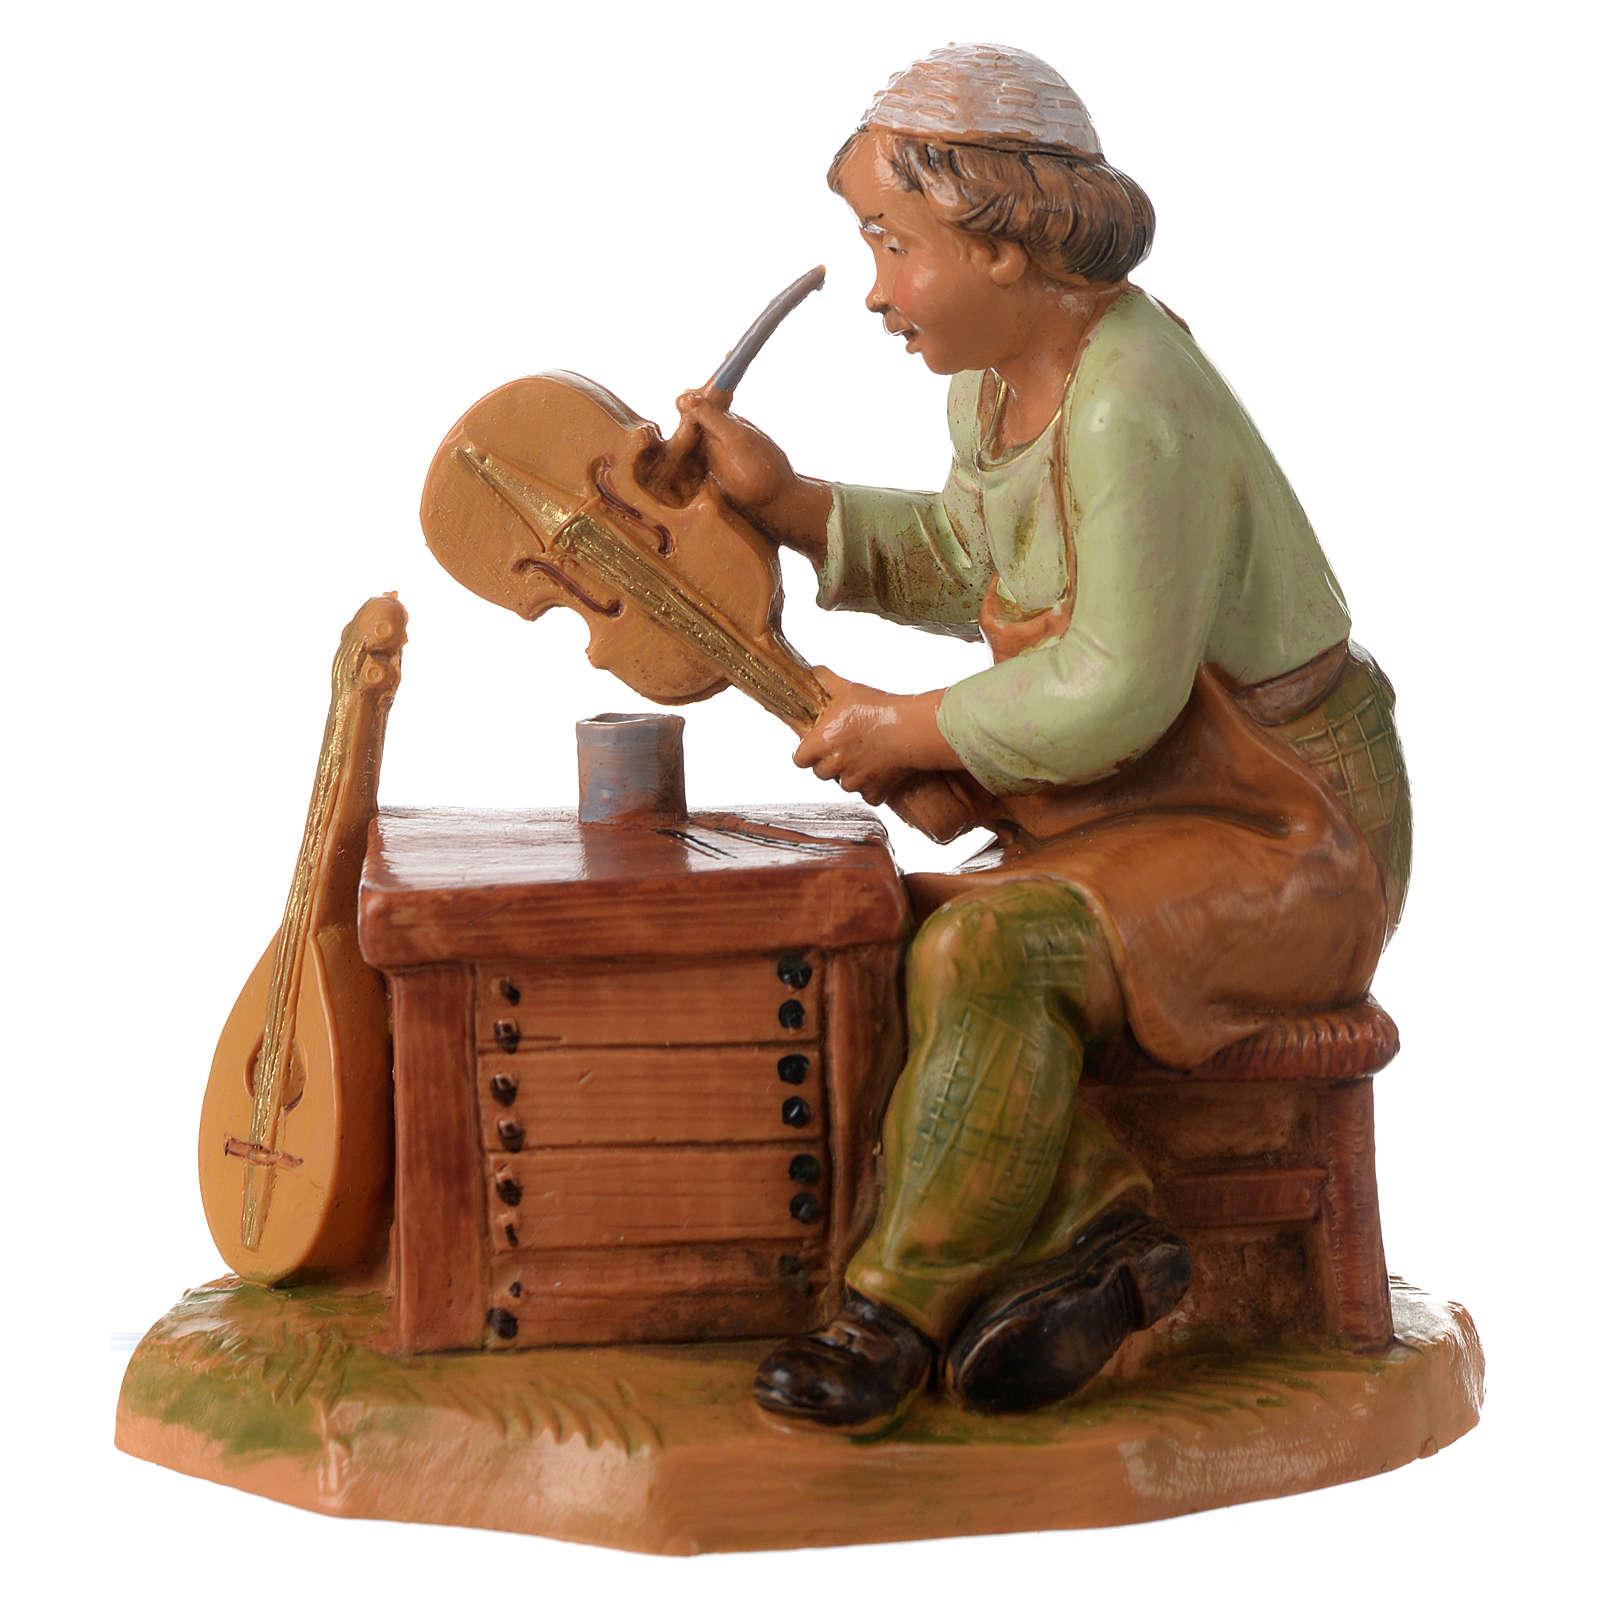 Fabricante de instrumentos 12 cm Fontanini 4